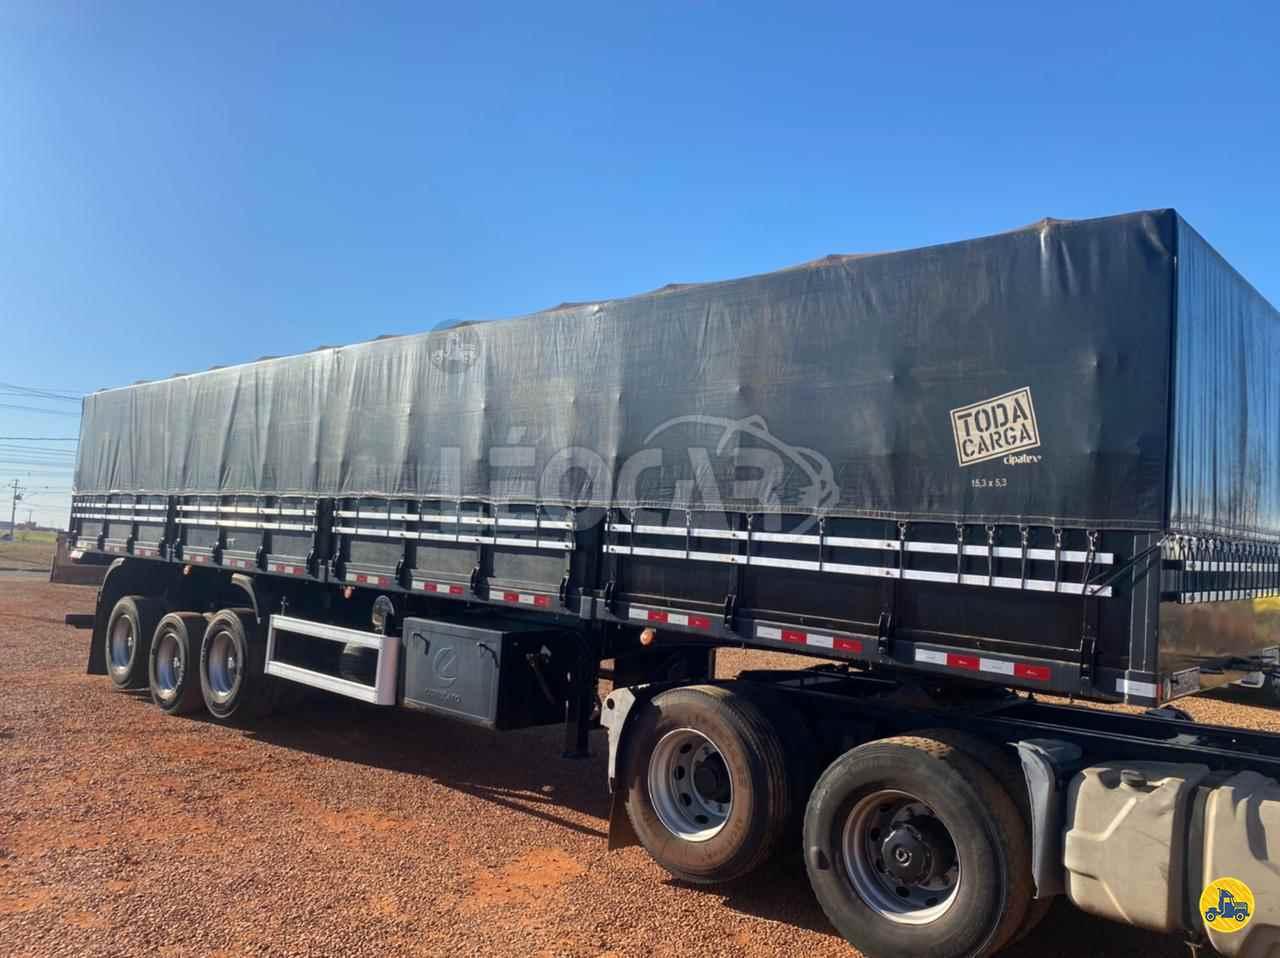 CARRETA SEMI-REBOQUE GRANELEIRO Leocar Caminhões PRIMAVERA DO LESTE MATO GROSSO MT